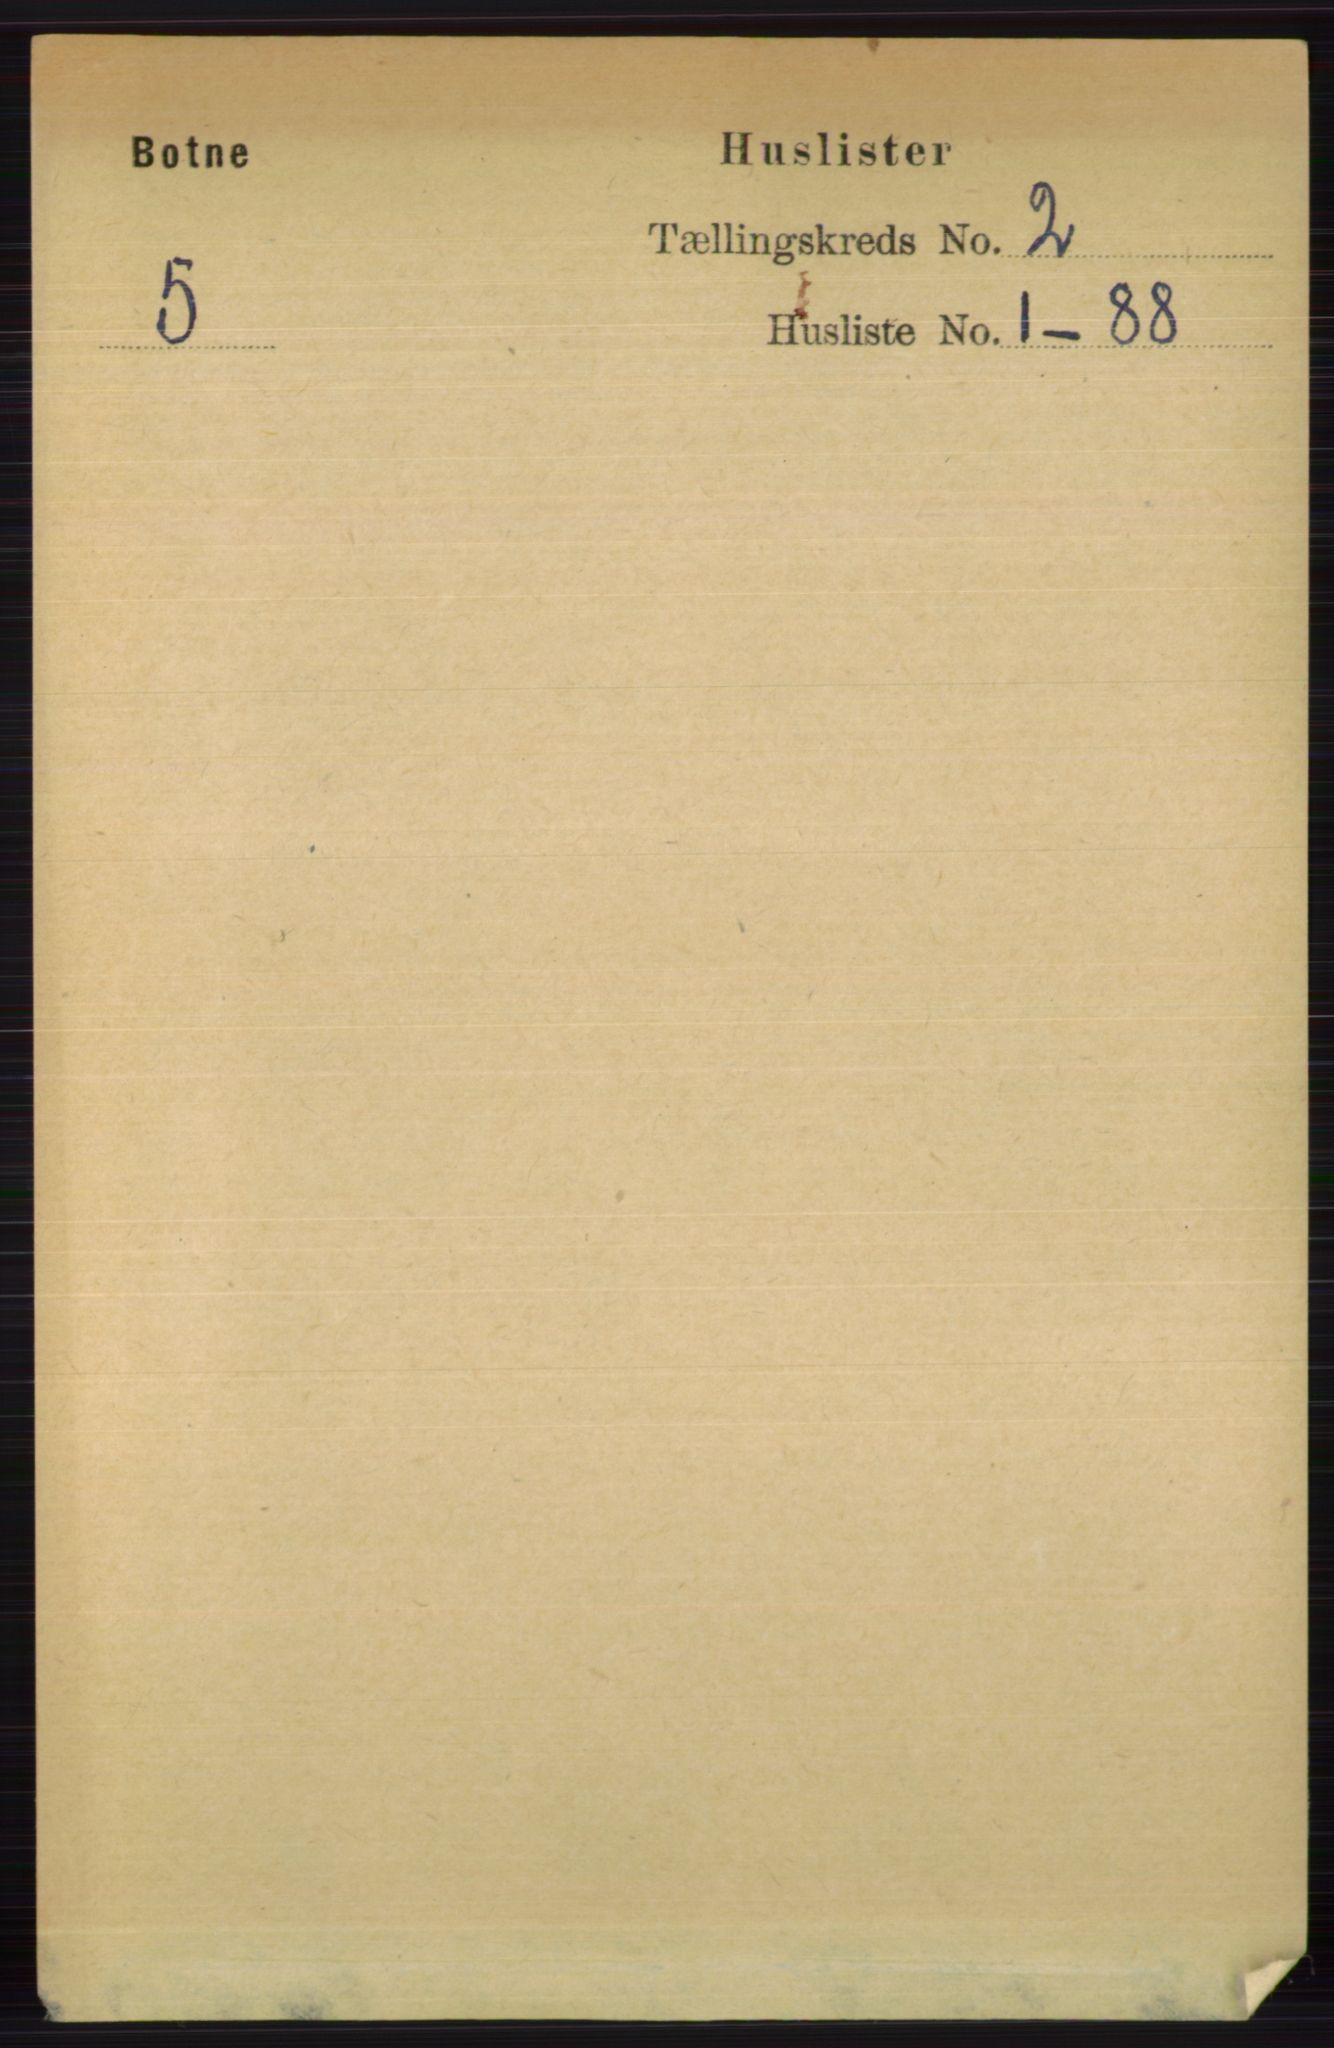 RA, Folketelling 1891 for 0715 Botne herred, 1891, s. 583